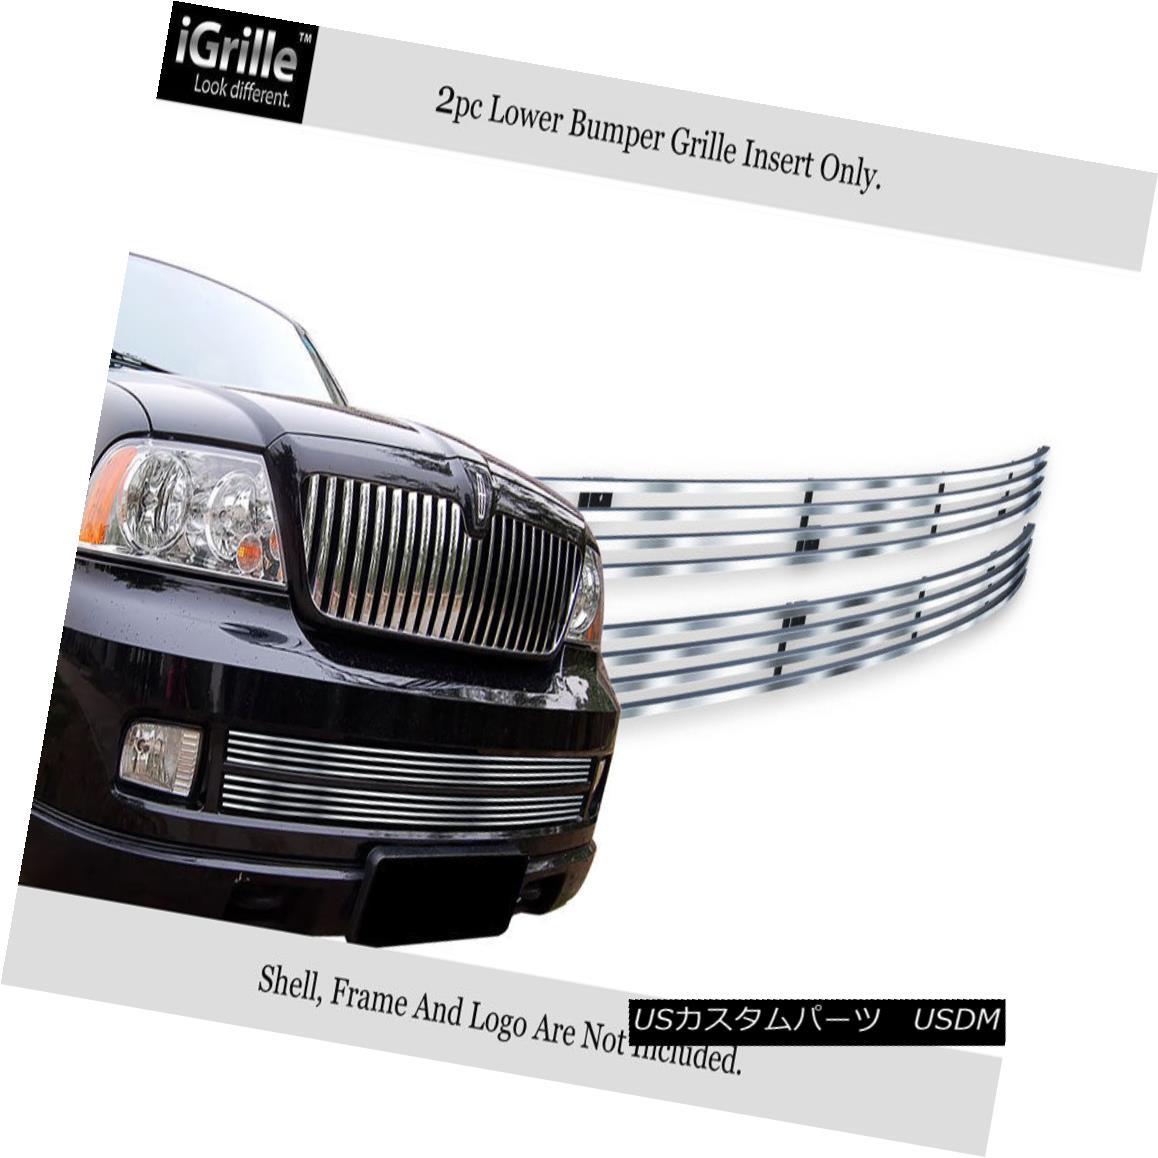 グリル Fits 2005-2006 Lincoln Navigator Bumper Stainless Steel Billet Grille Insert フィット2005-2006リンカーンナビゲータバンパーステンレス鋼ビレットグリルインサート